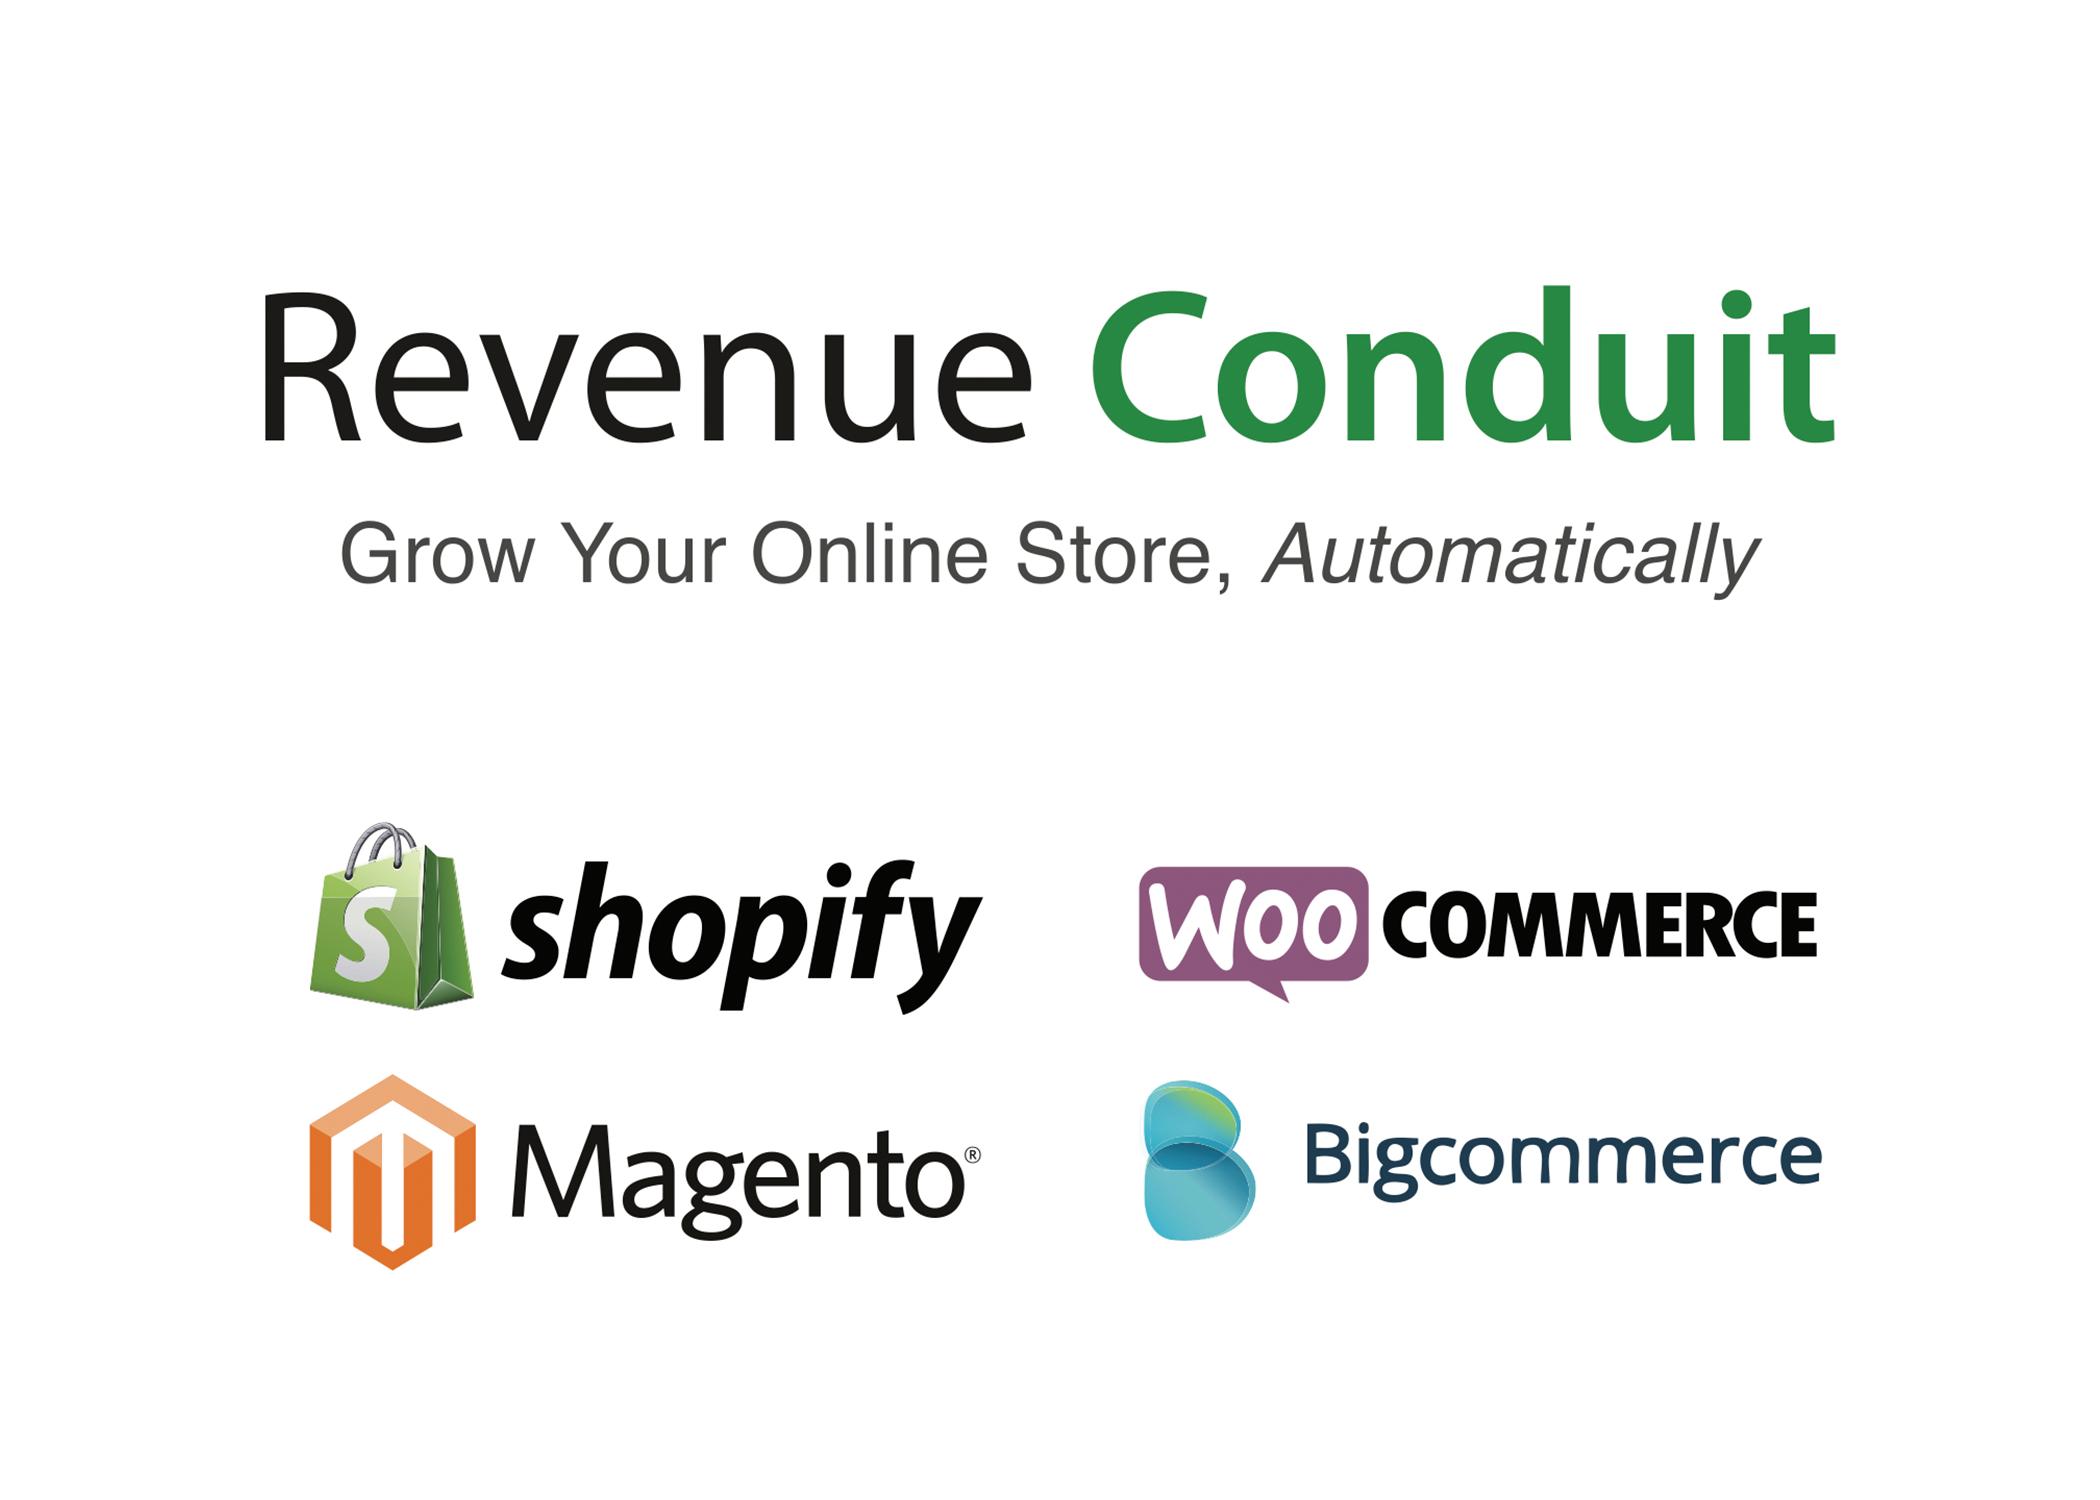 RevenueConduit_connectors.png